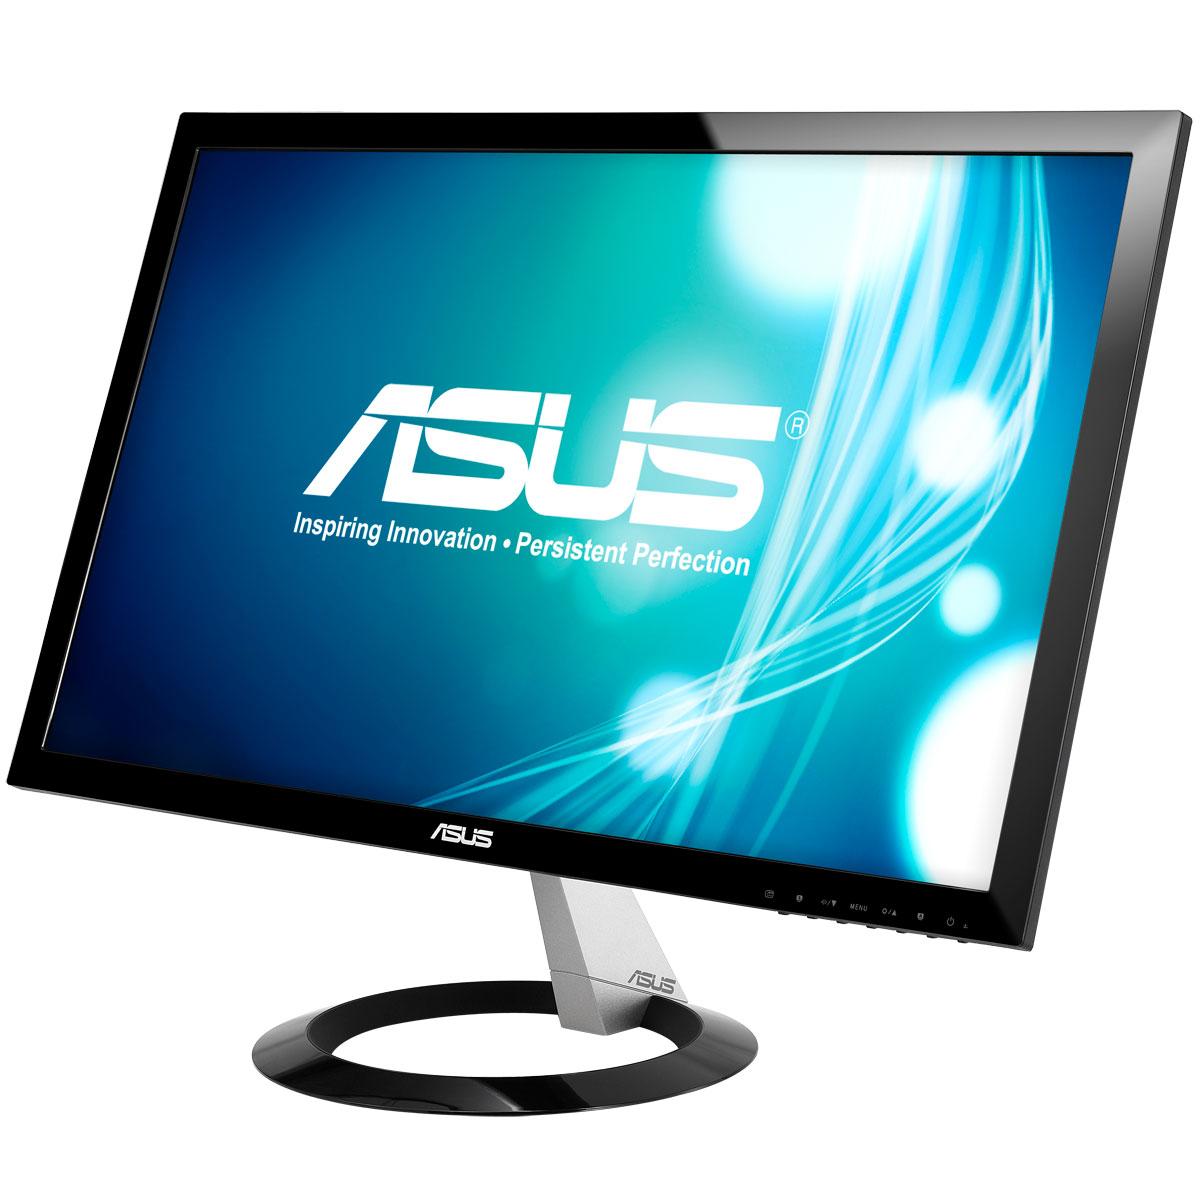 Asus 23 led vx238t vx238t achat vente ecran pc for Vente ecran pc